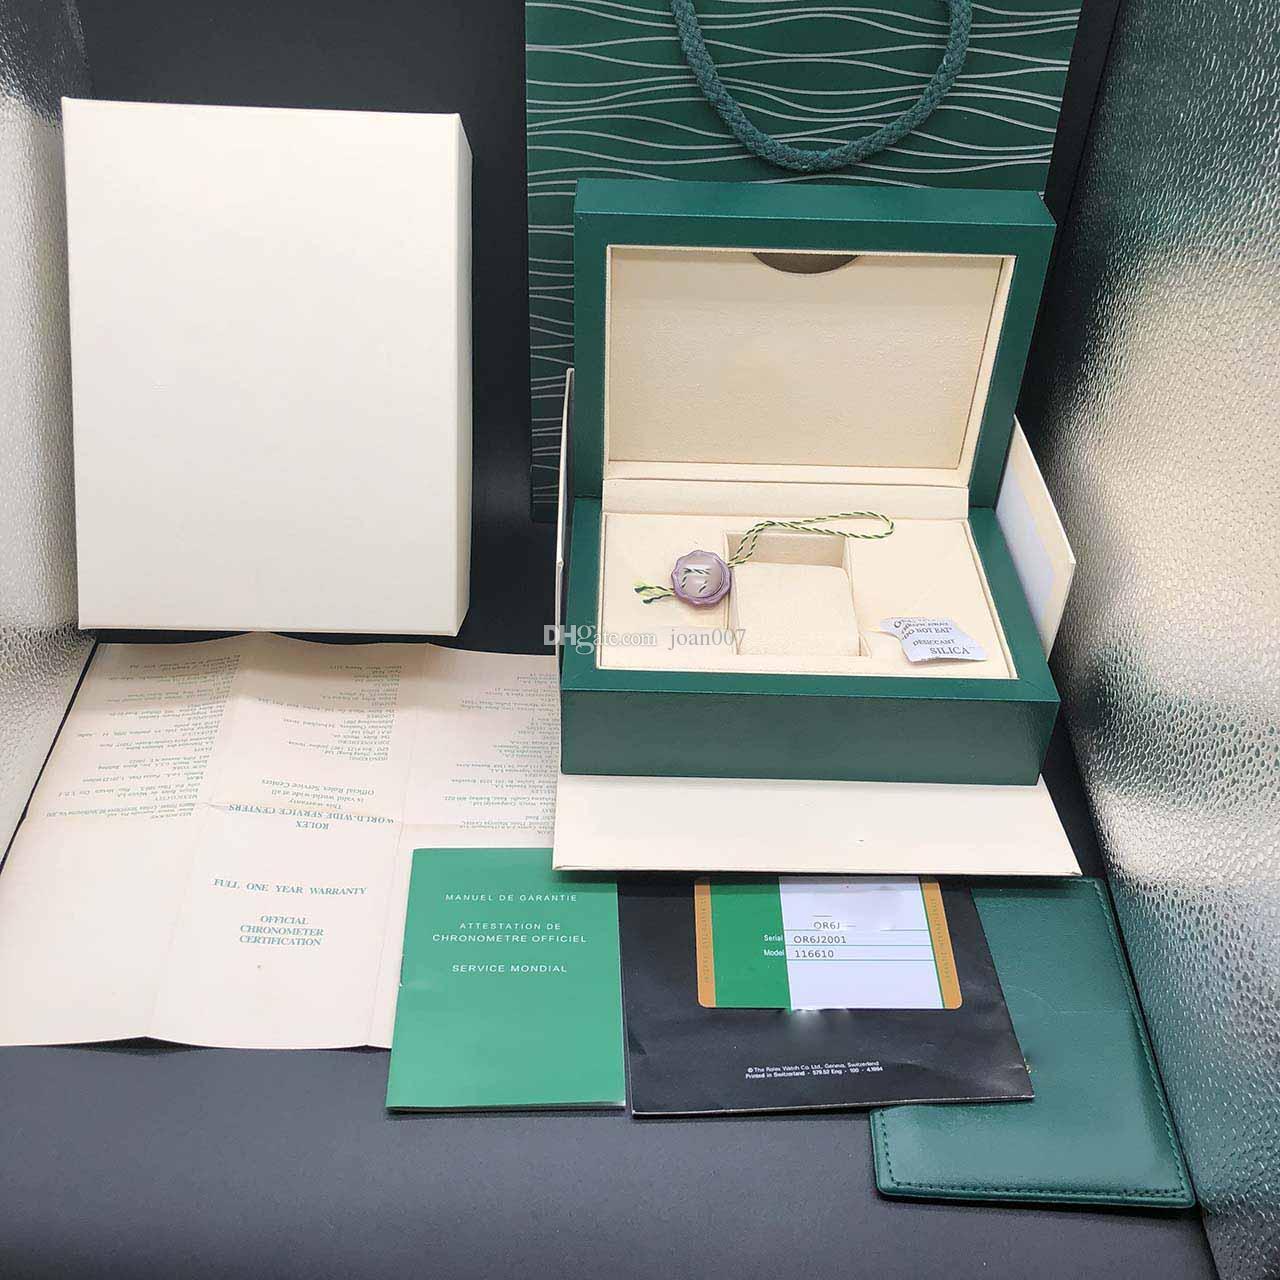 أفضل نوعية الظلام الأخضر ووتش مربع هدية القضية ل علاقات رولكس صناديق الساعات بطاقة كتيب بطاقة وأوراق باللغة الإنجليزية الساعات السويسرية صناديق أعلى جودة